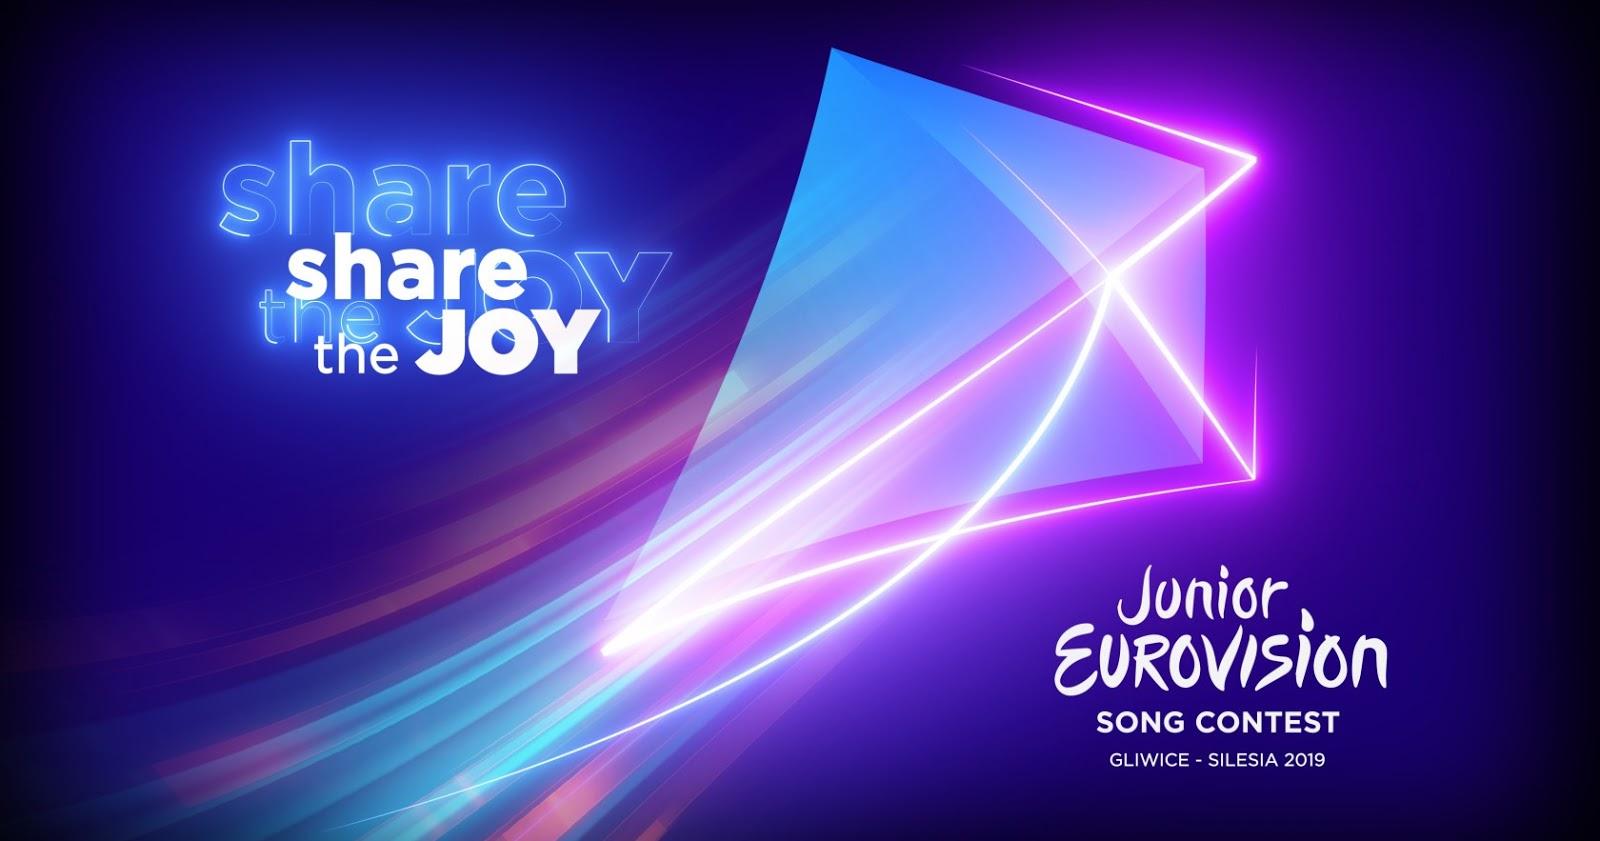 ESPAÑA PARTICIPARÁ EN EUROVISIÓN JUNIOR 2019